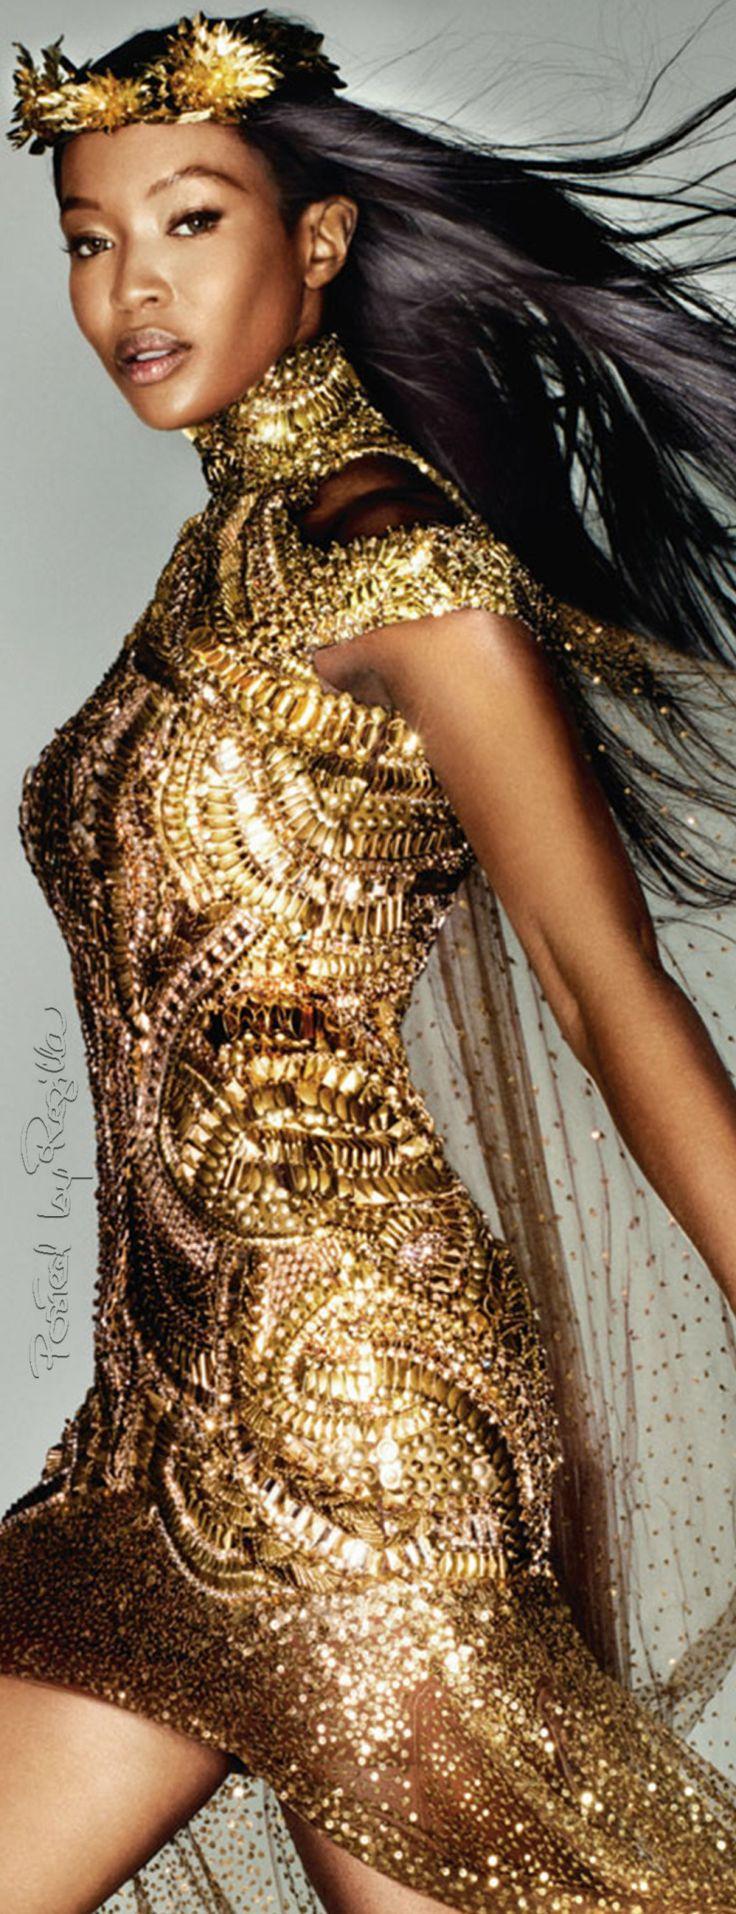 Regilla ⚜ Naomi Campbell